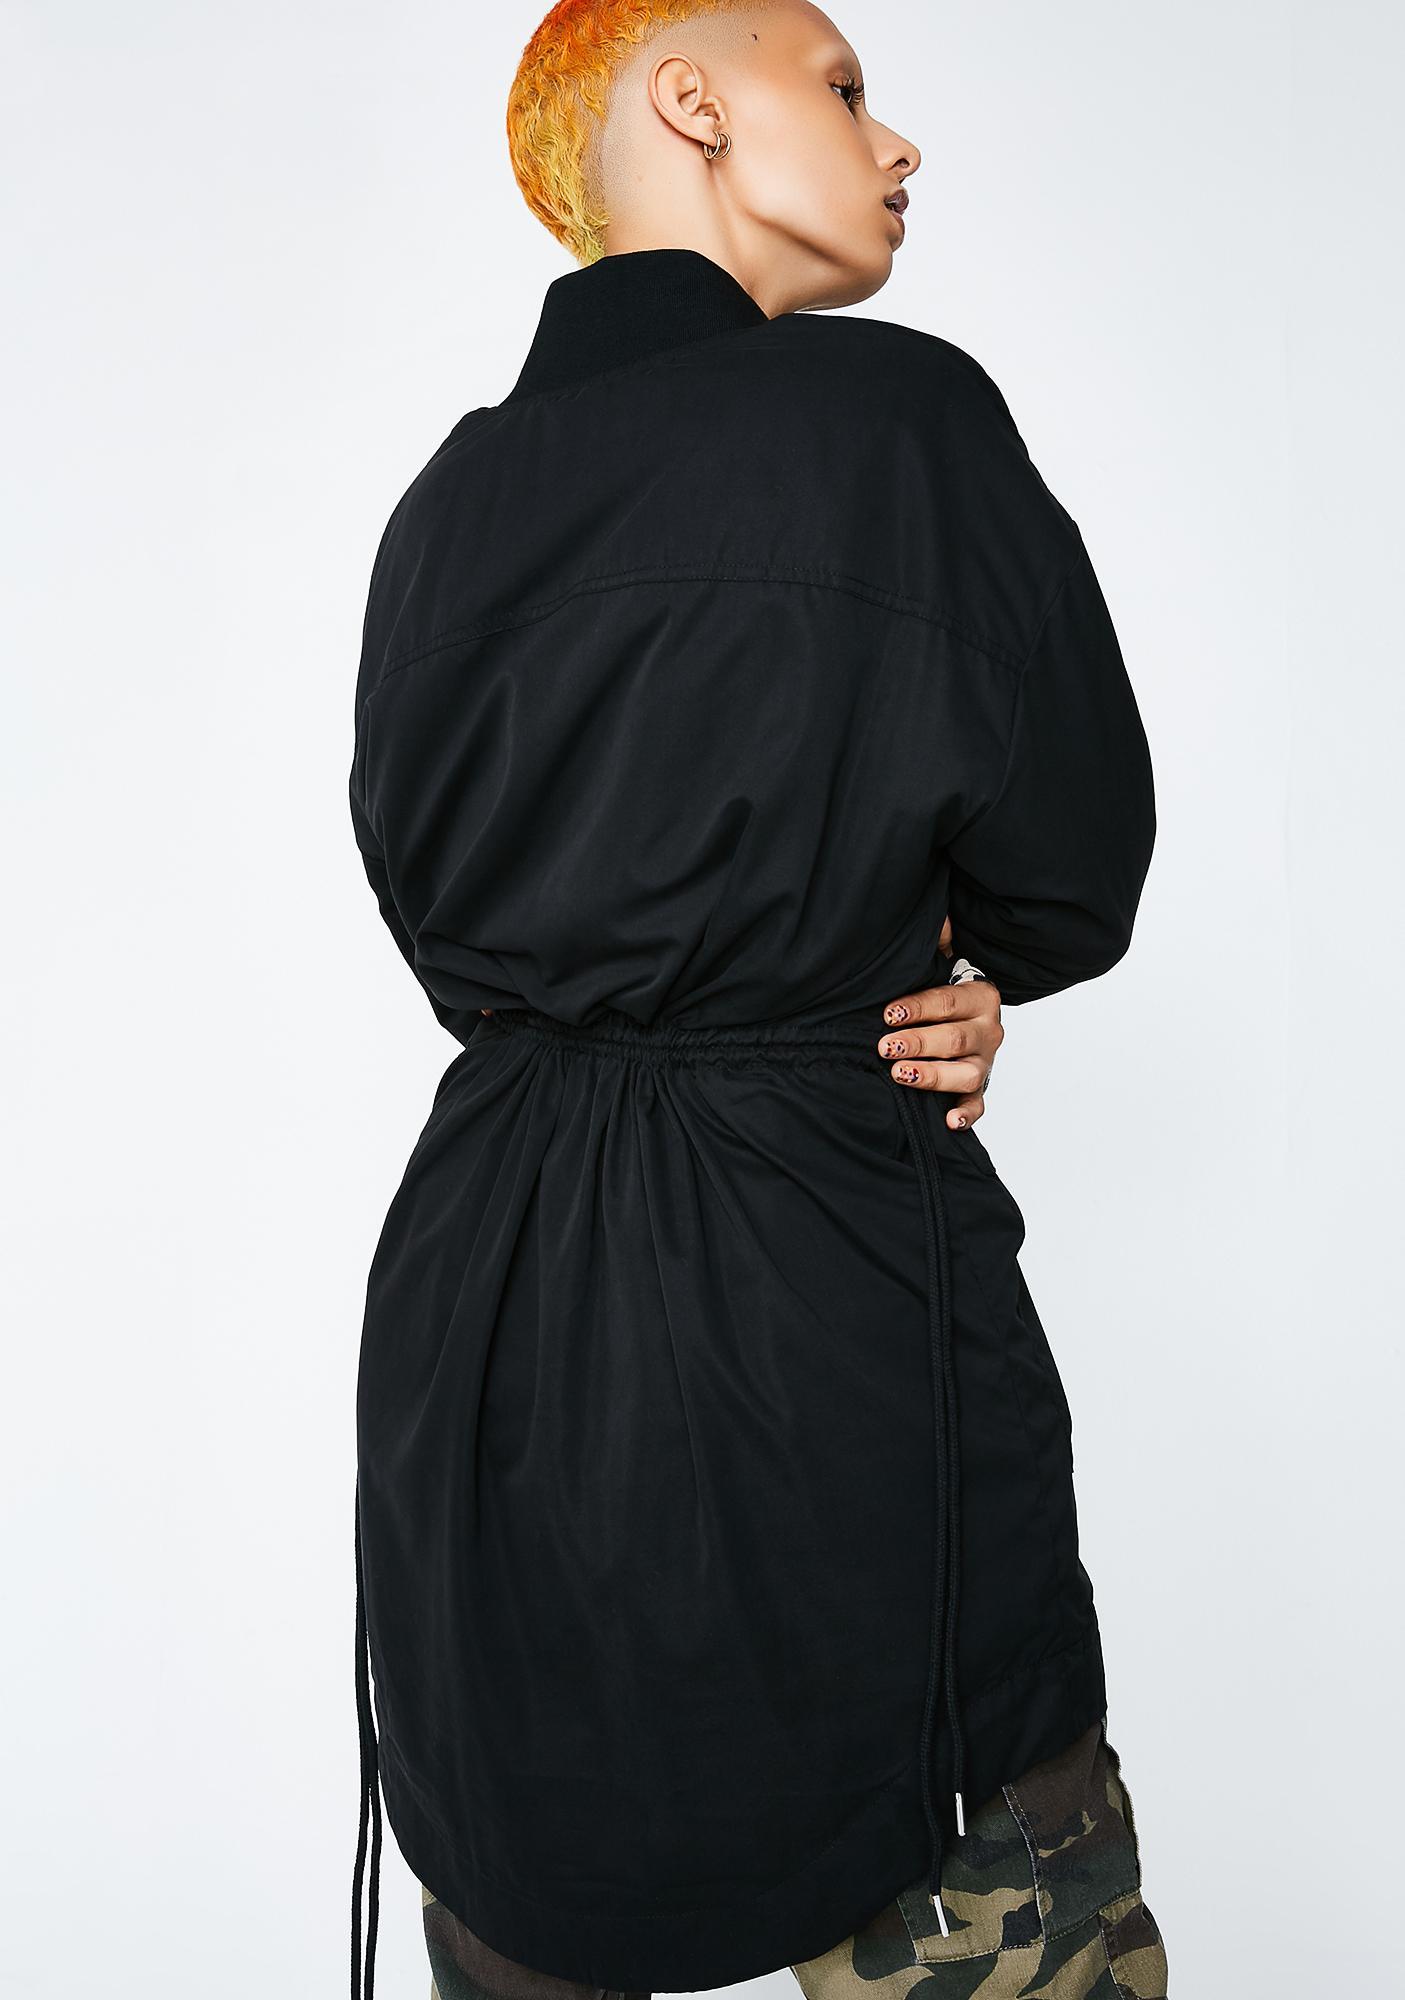 Sway Away Coat